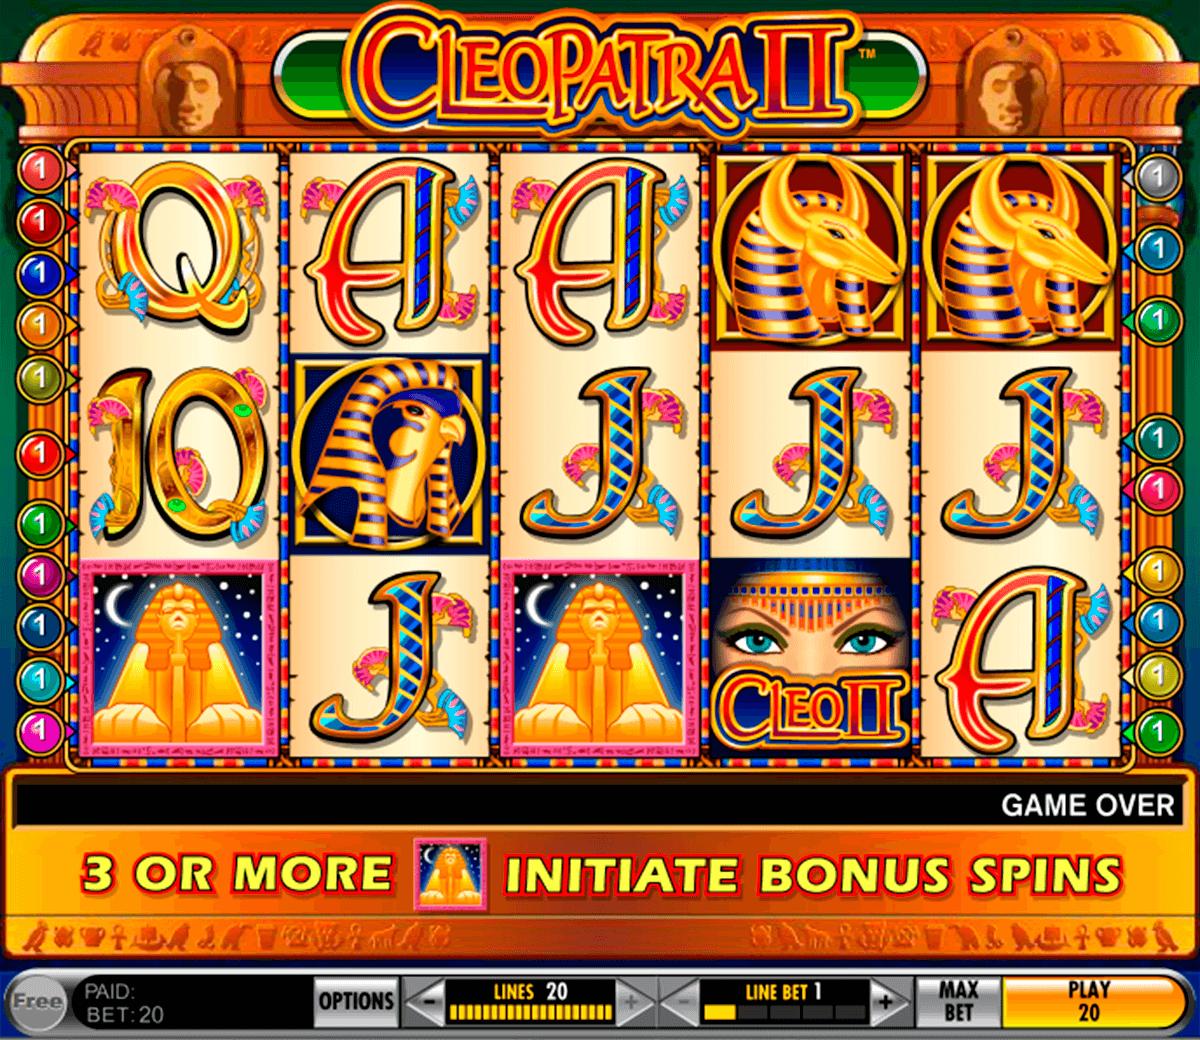 Extra slots Botemanía tragamonedas gratis cleopatra-845639